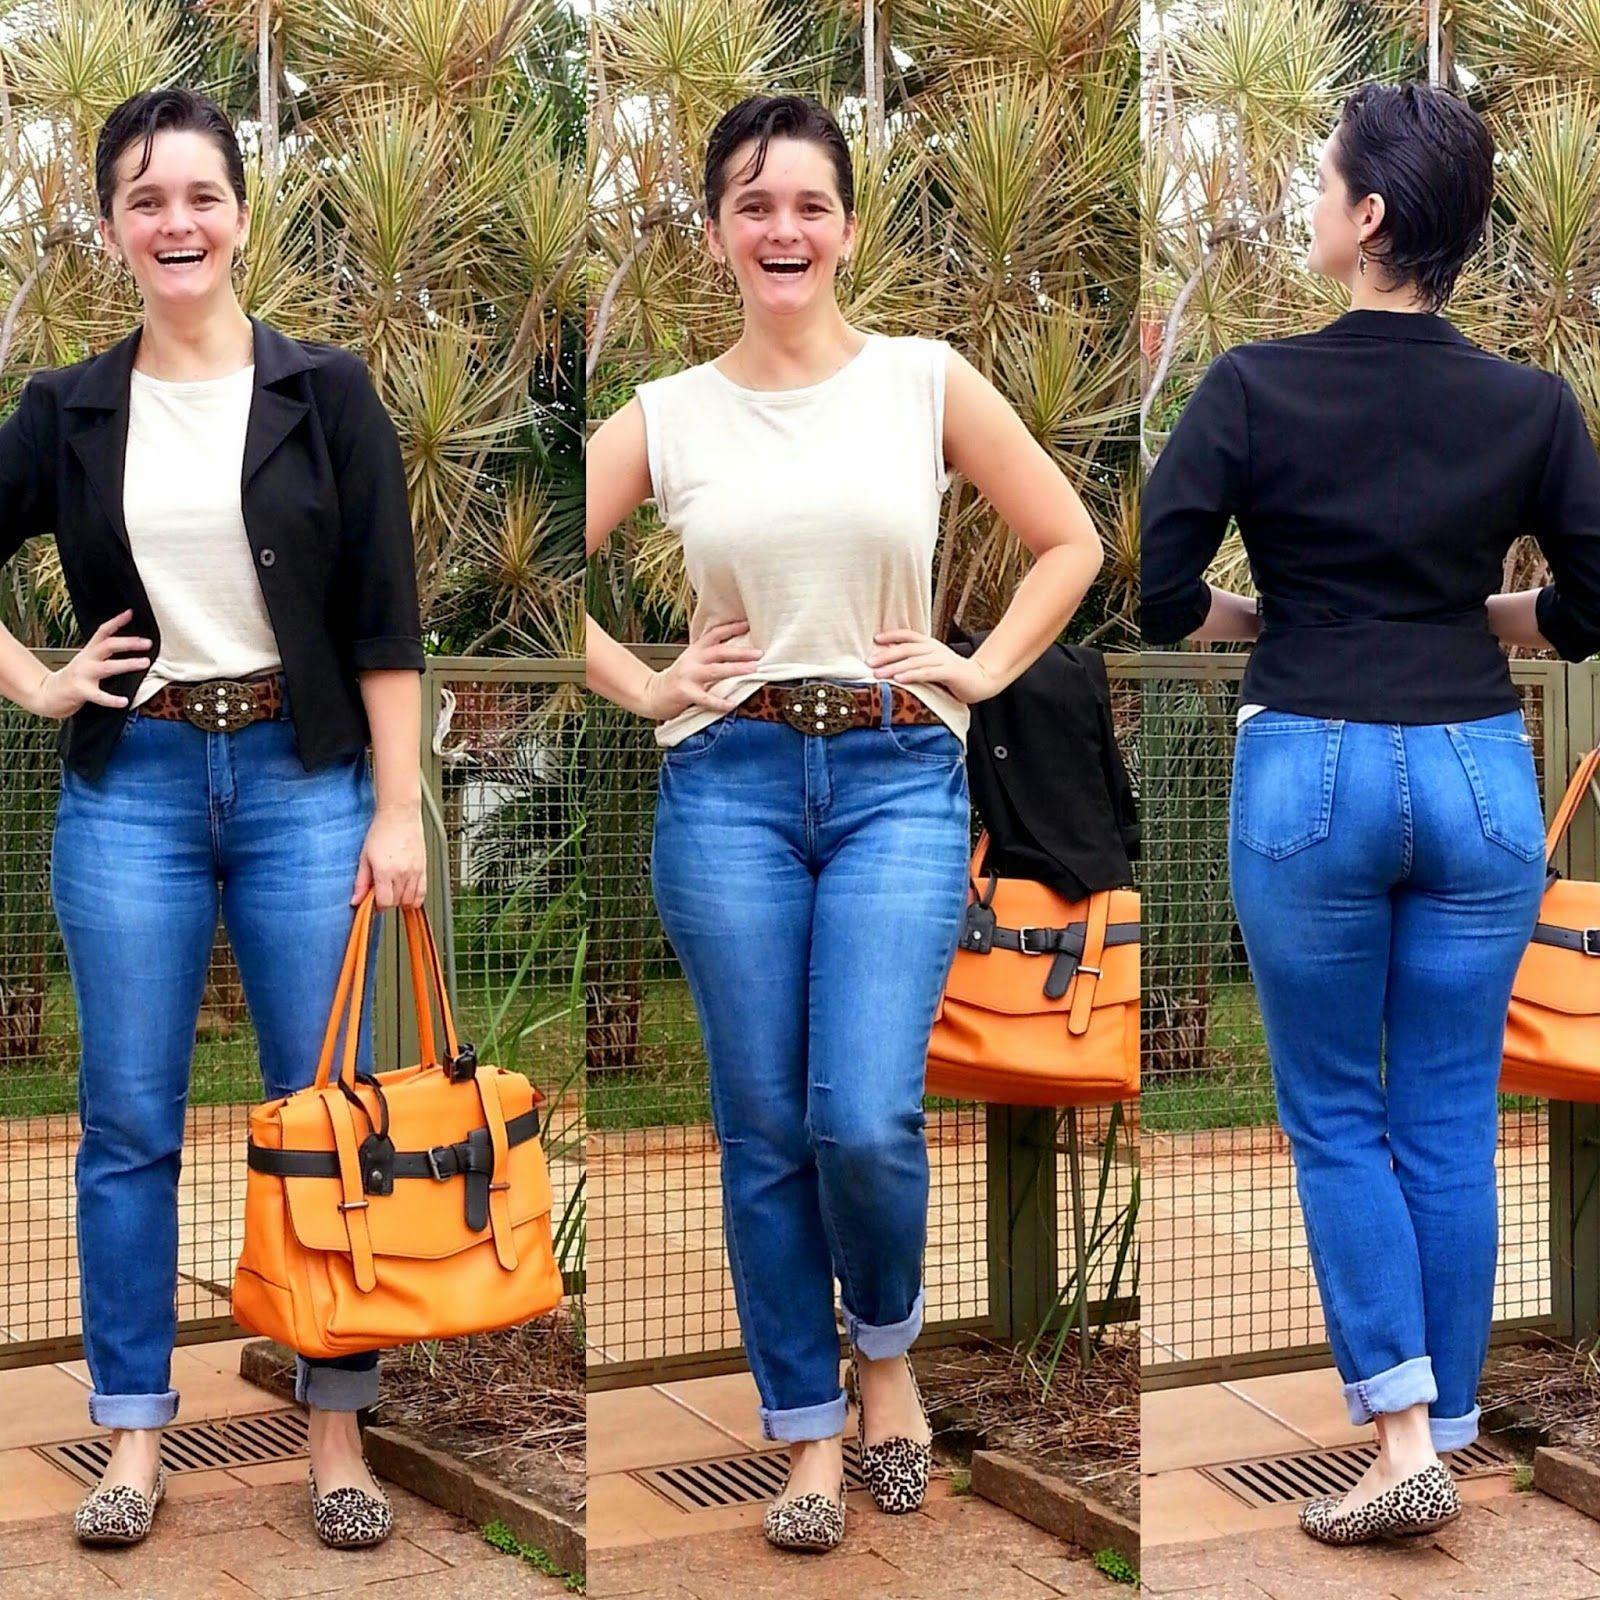 blusa de alcinha bolinha calça jeans cintura alta - Pesquisa Google